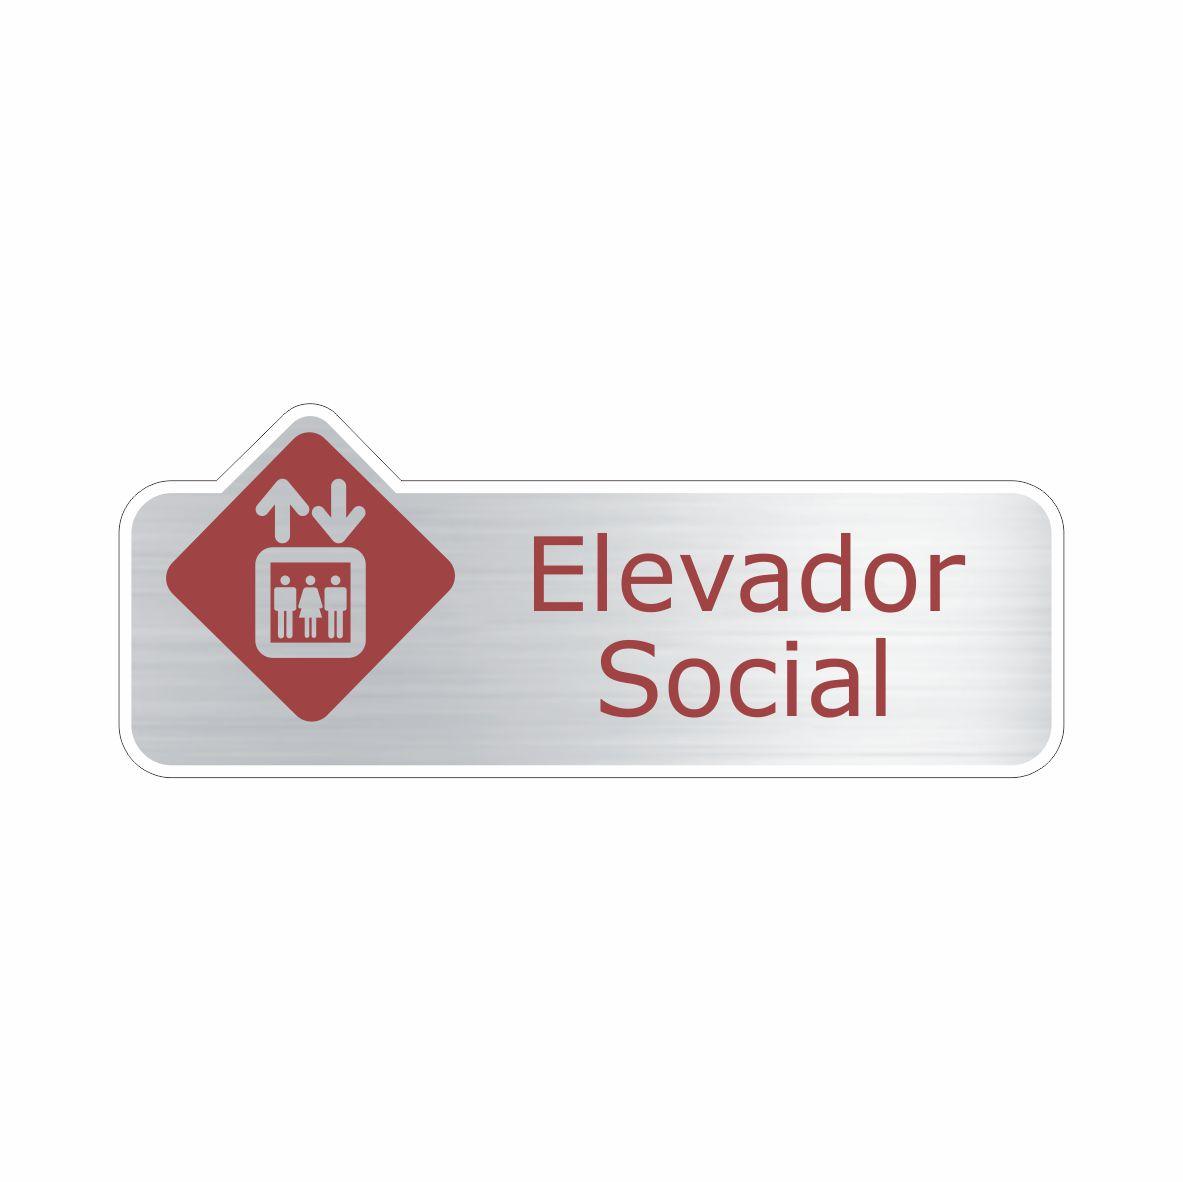 Elevador social  - Towbar Sinalização de Segurança